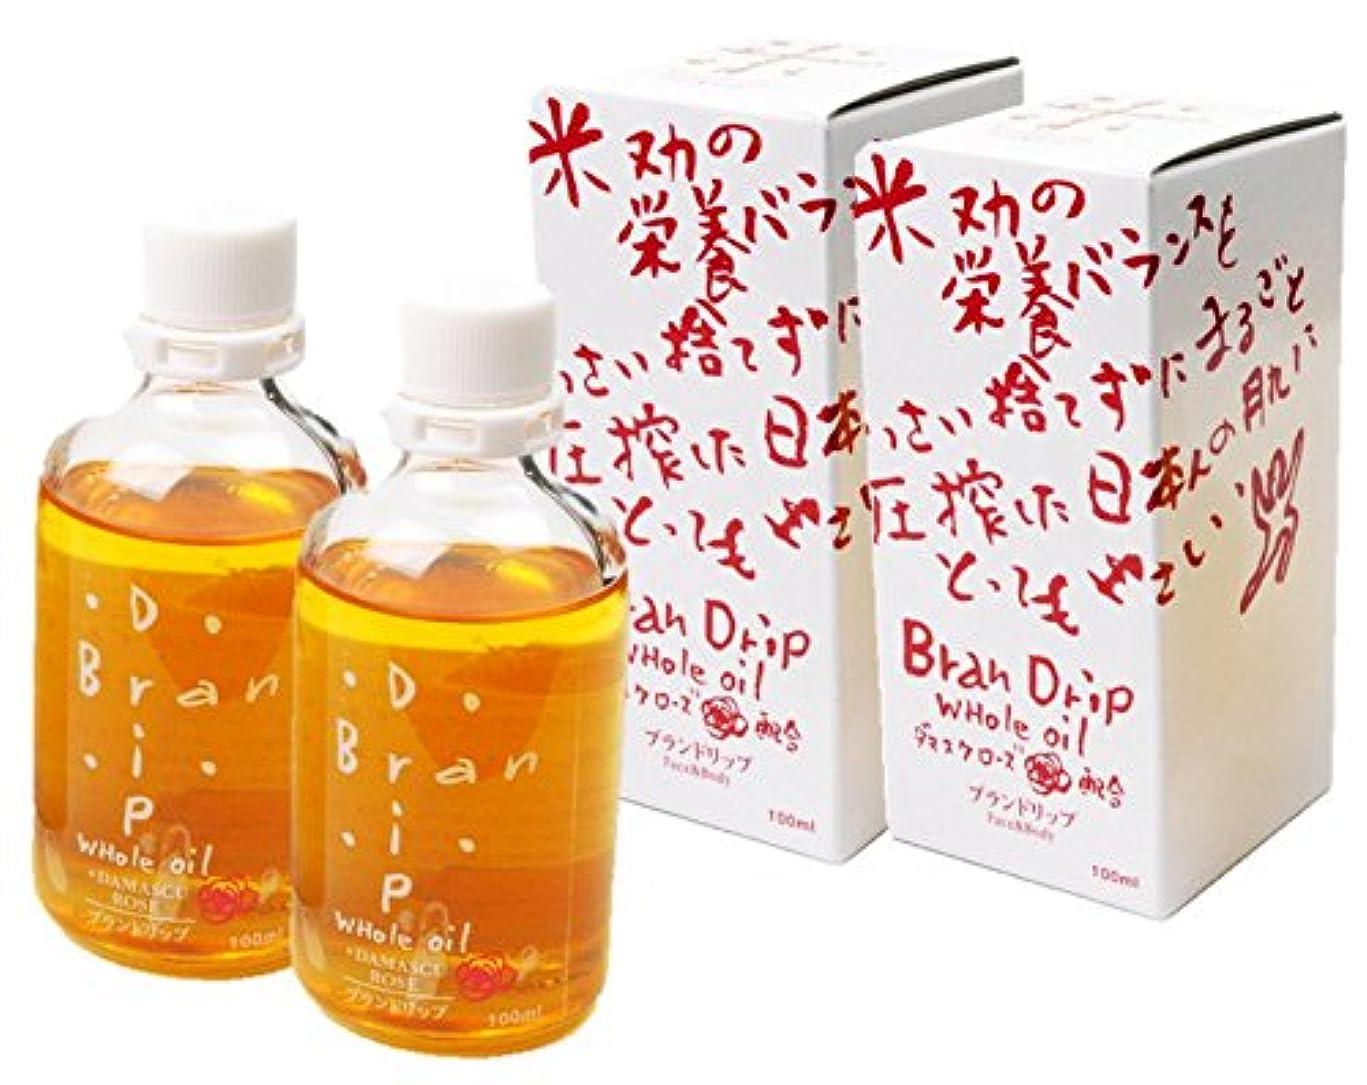 排出ほとんどない不利【2本セット】 ブランドリップ BranDrip 食べても安心、米ぬかホールスキンオイル